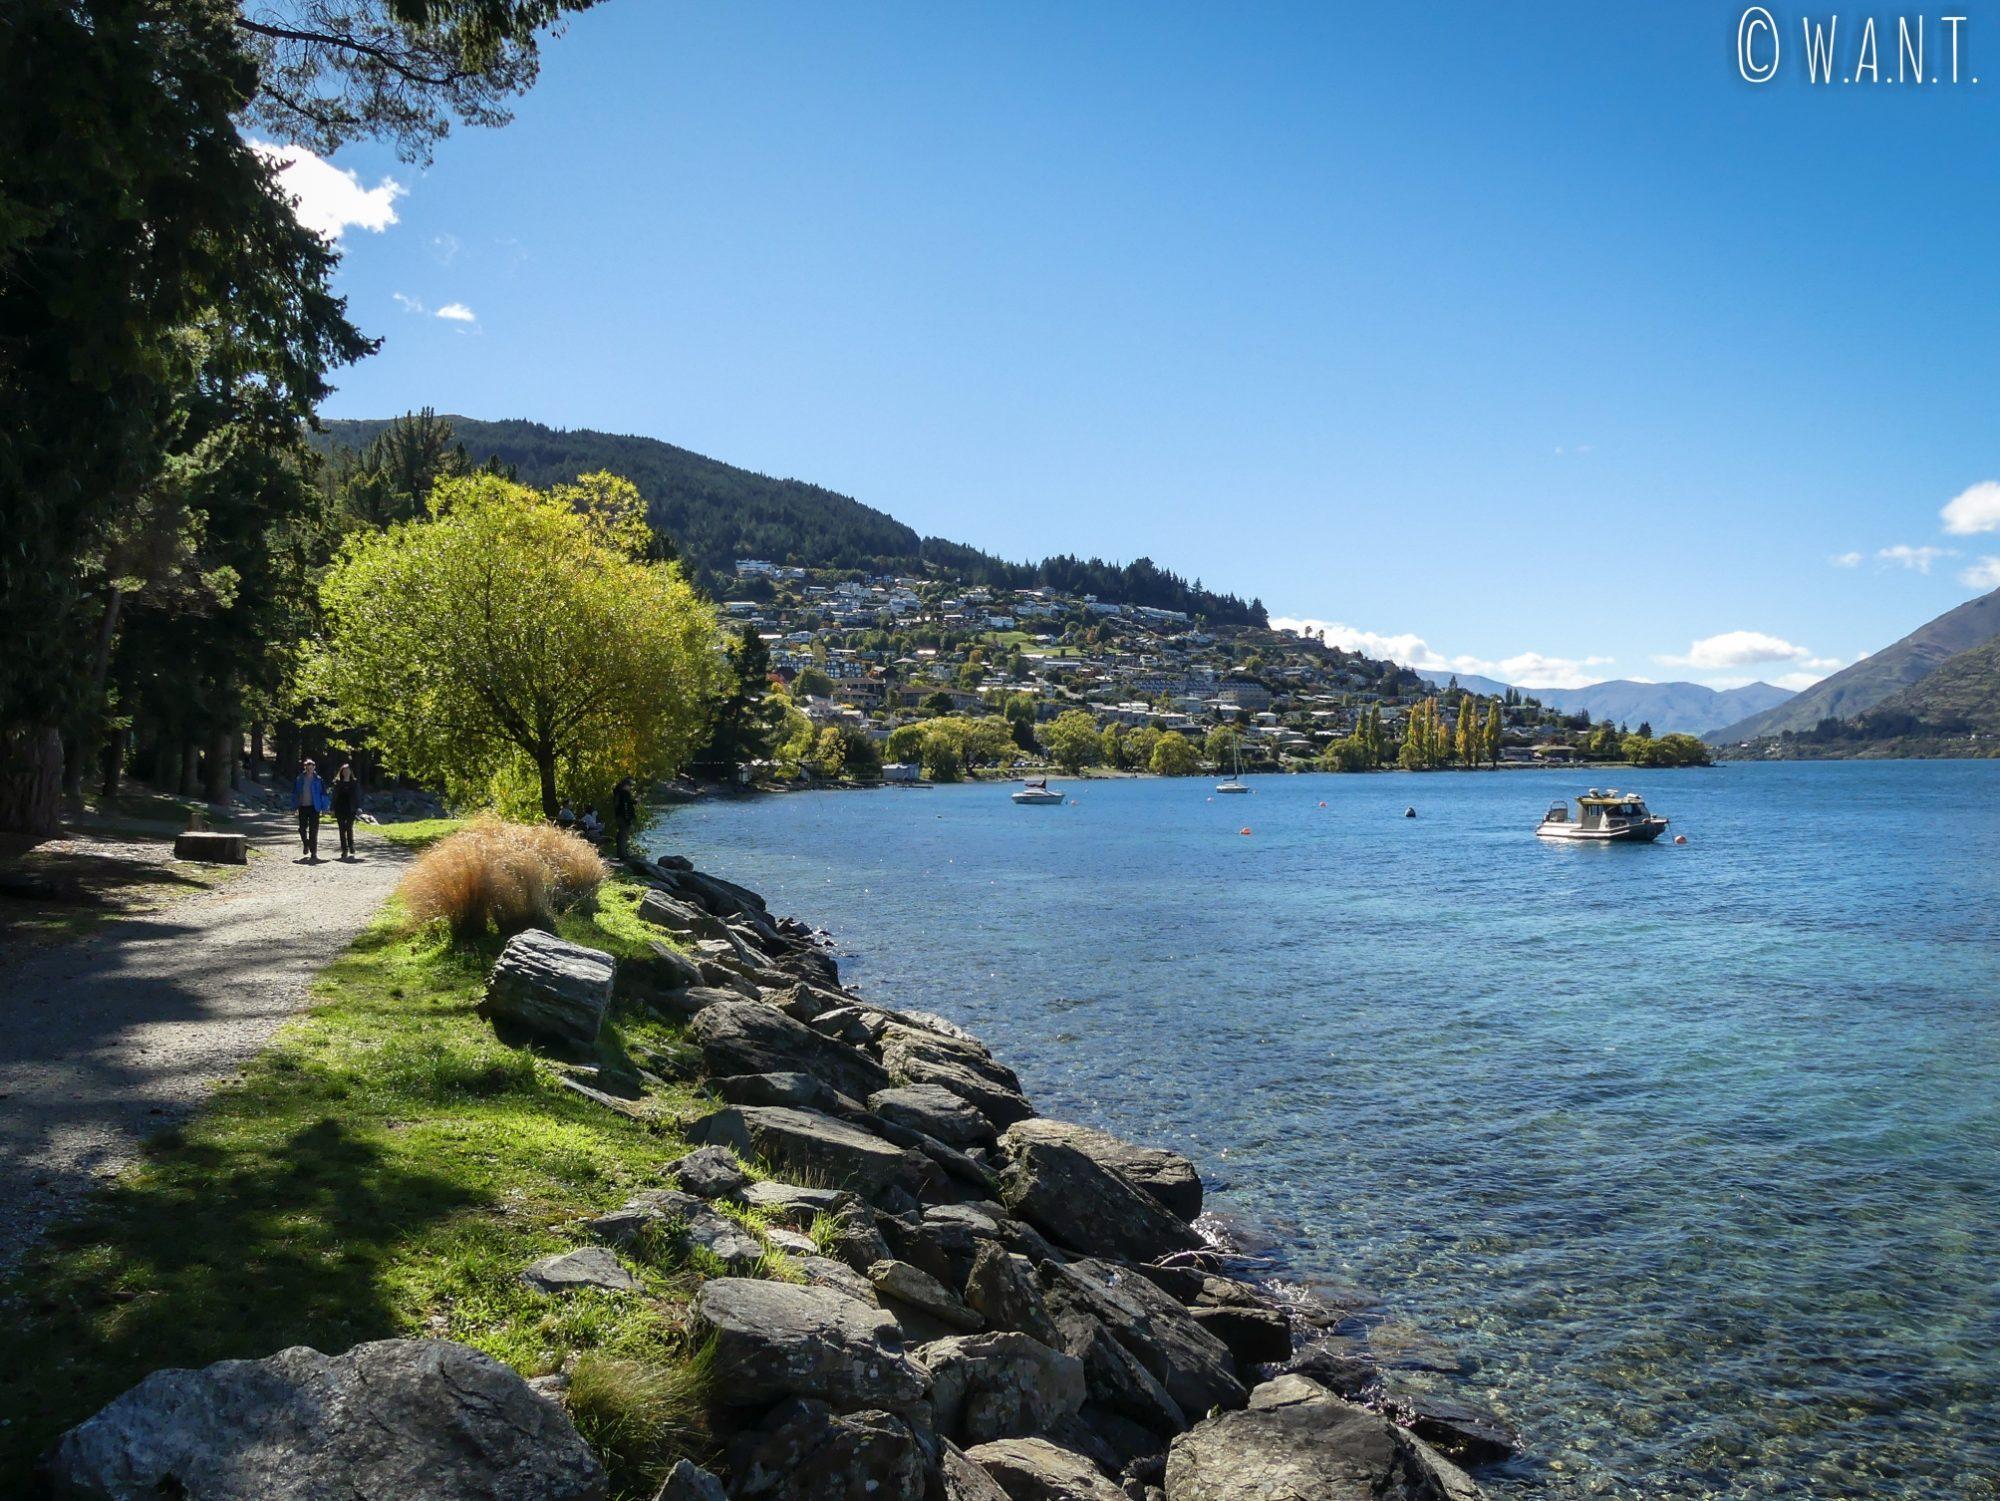 Il ne faut pas hésiter à s'enfoncer sur les sentiers du Queenstown Gardens en Nouvelle-Zélande pour profiter de vues superbes